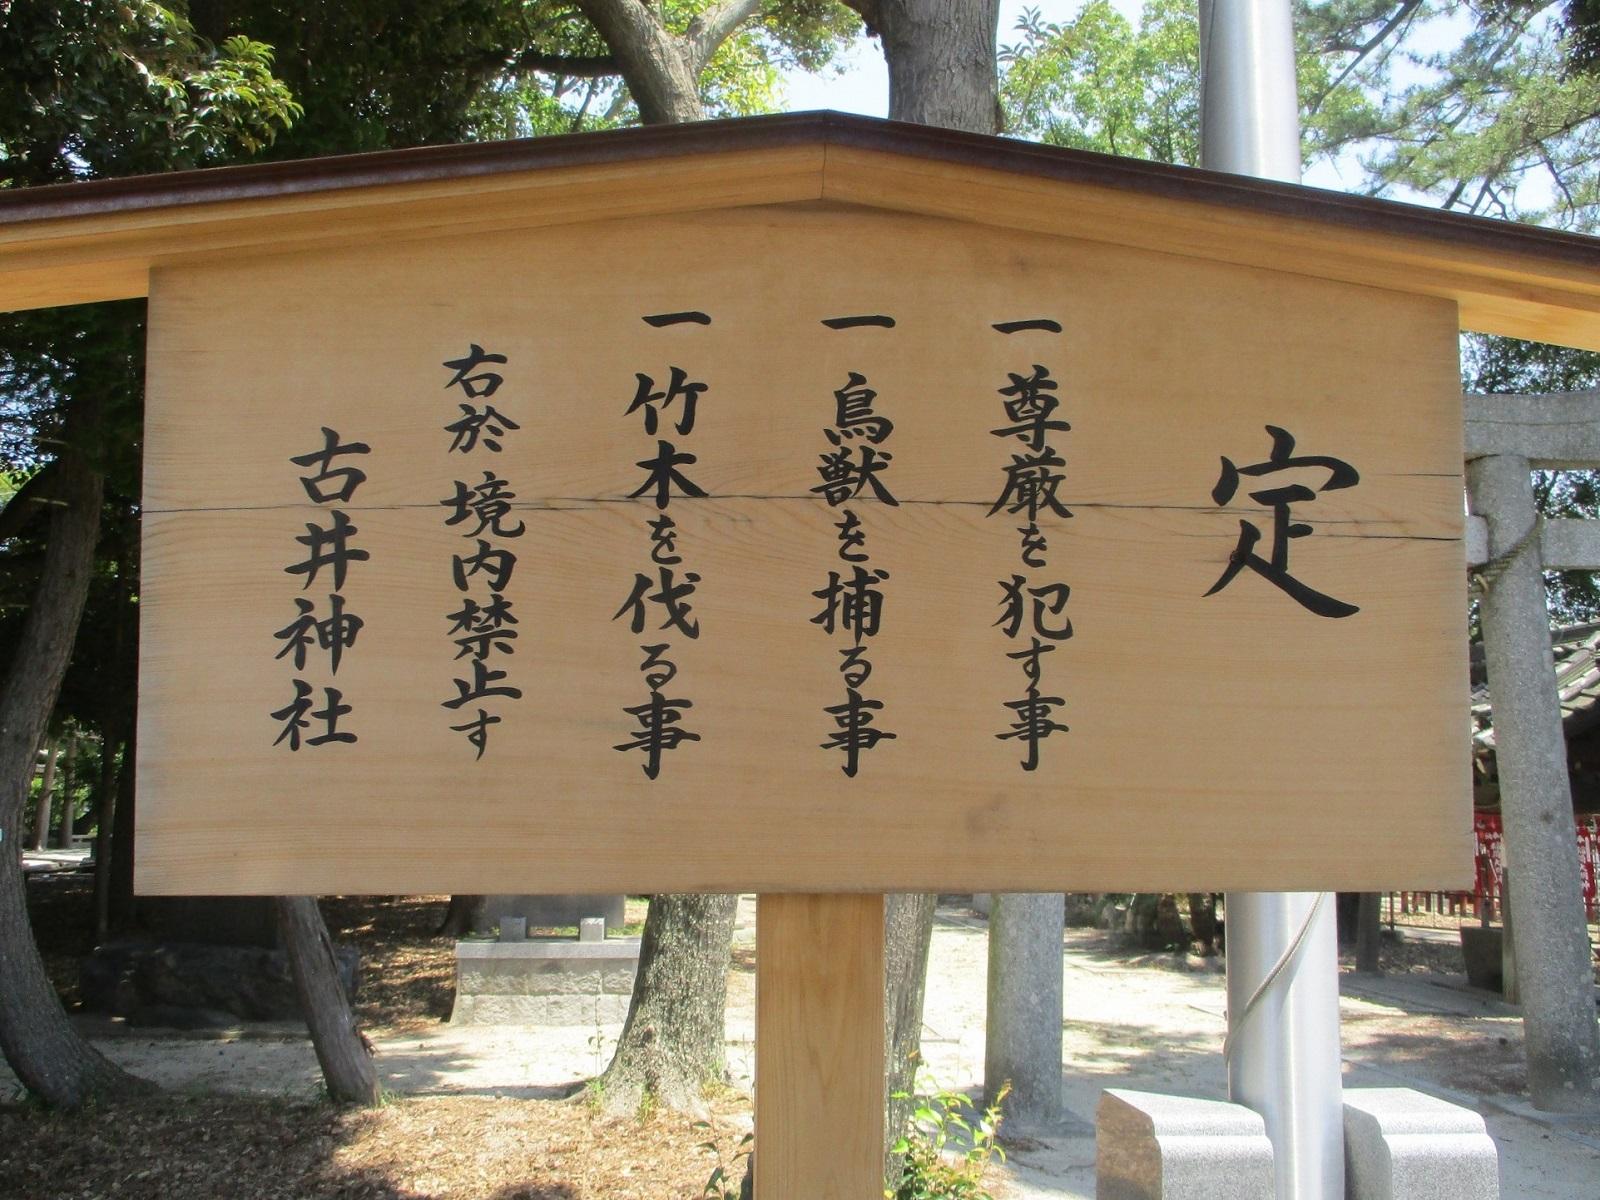 2020.6.17 (2) 古井神社のさだめがき 1600-1200